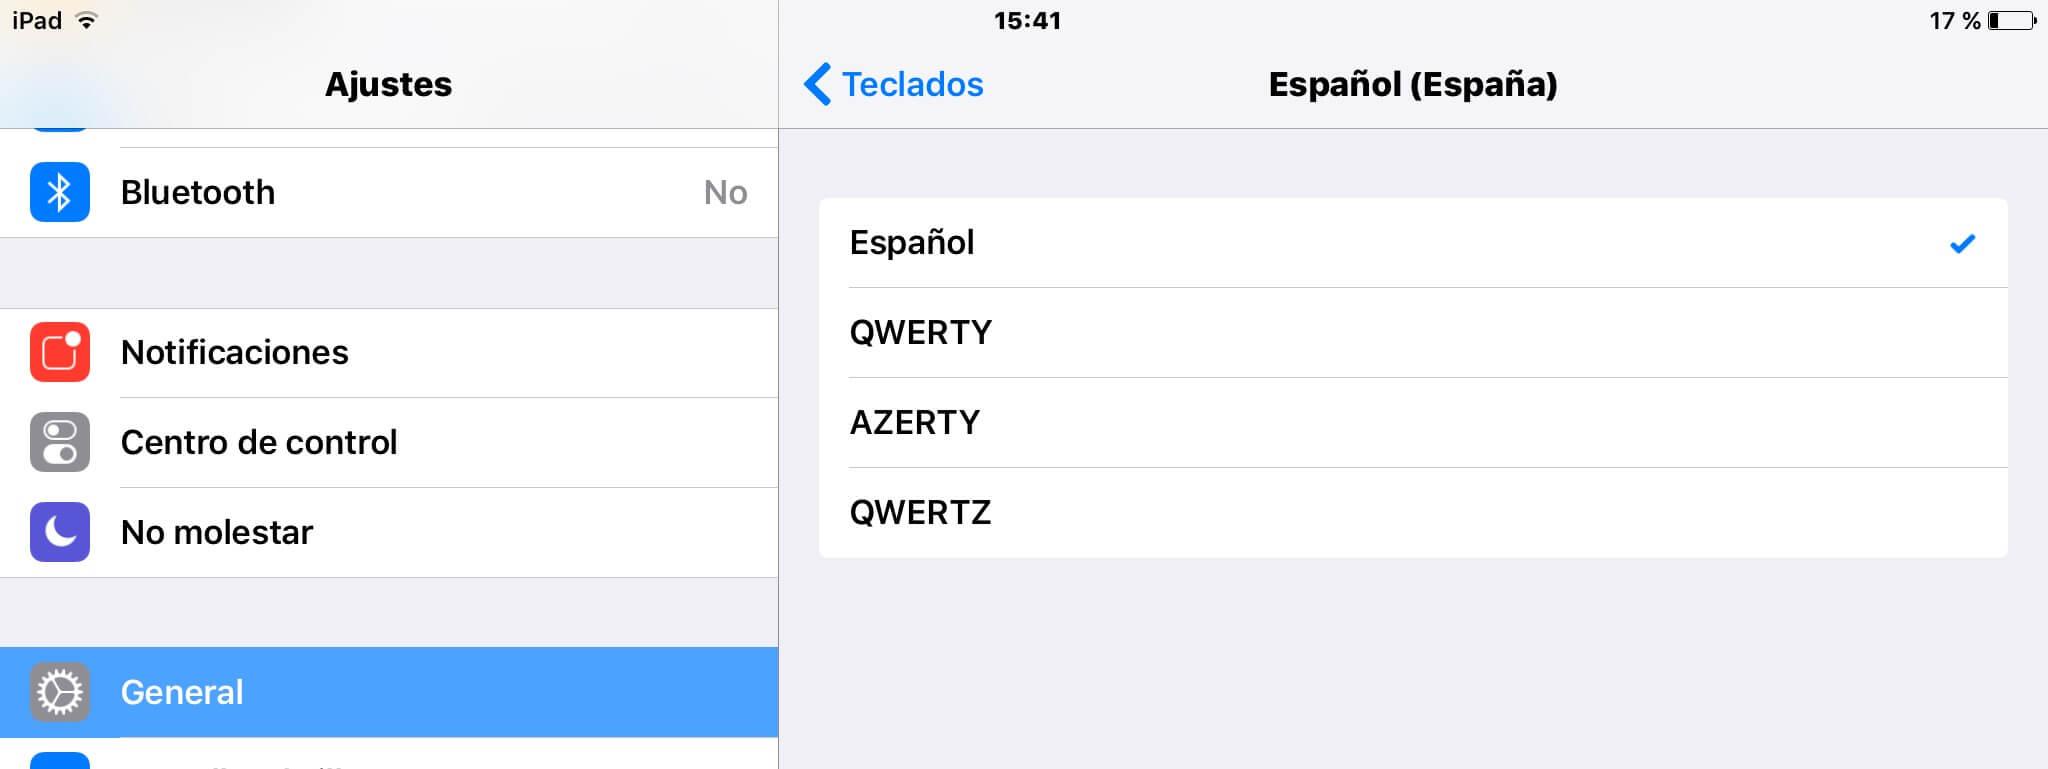 Distribuciones del teclado en iOS